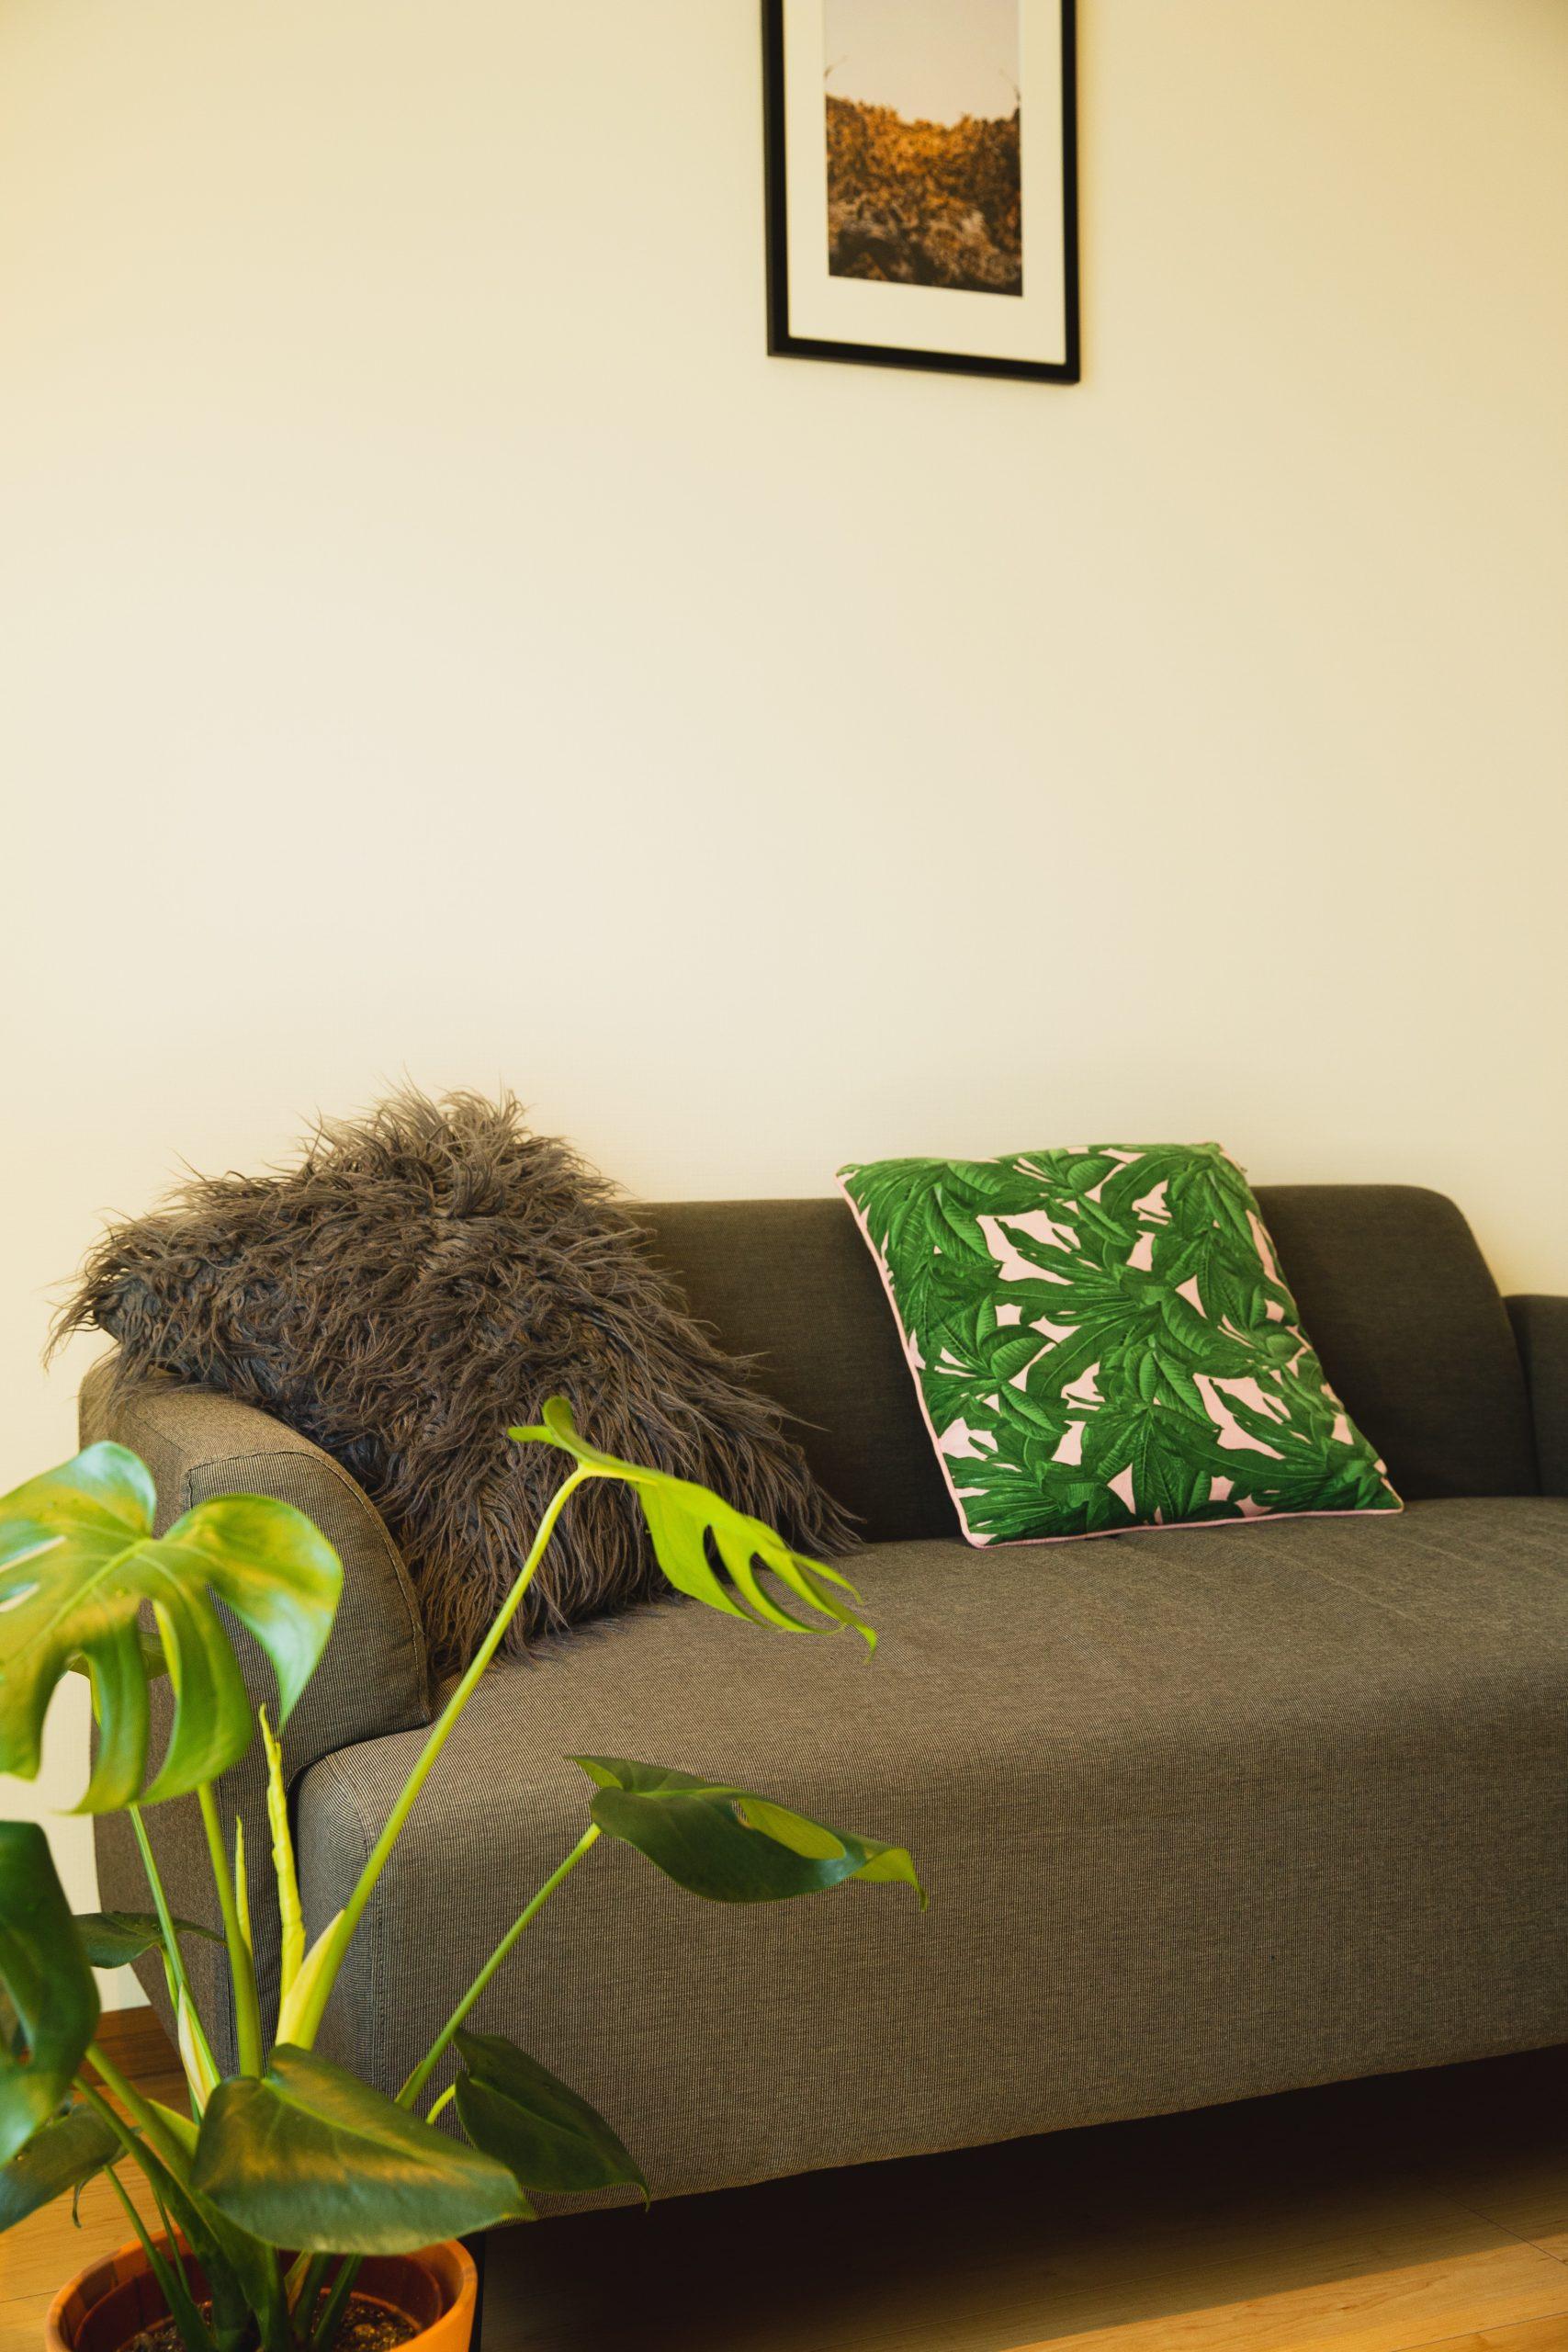 Votre atelier doit être confortable alors ne lésinez pas sur le confort !